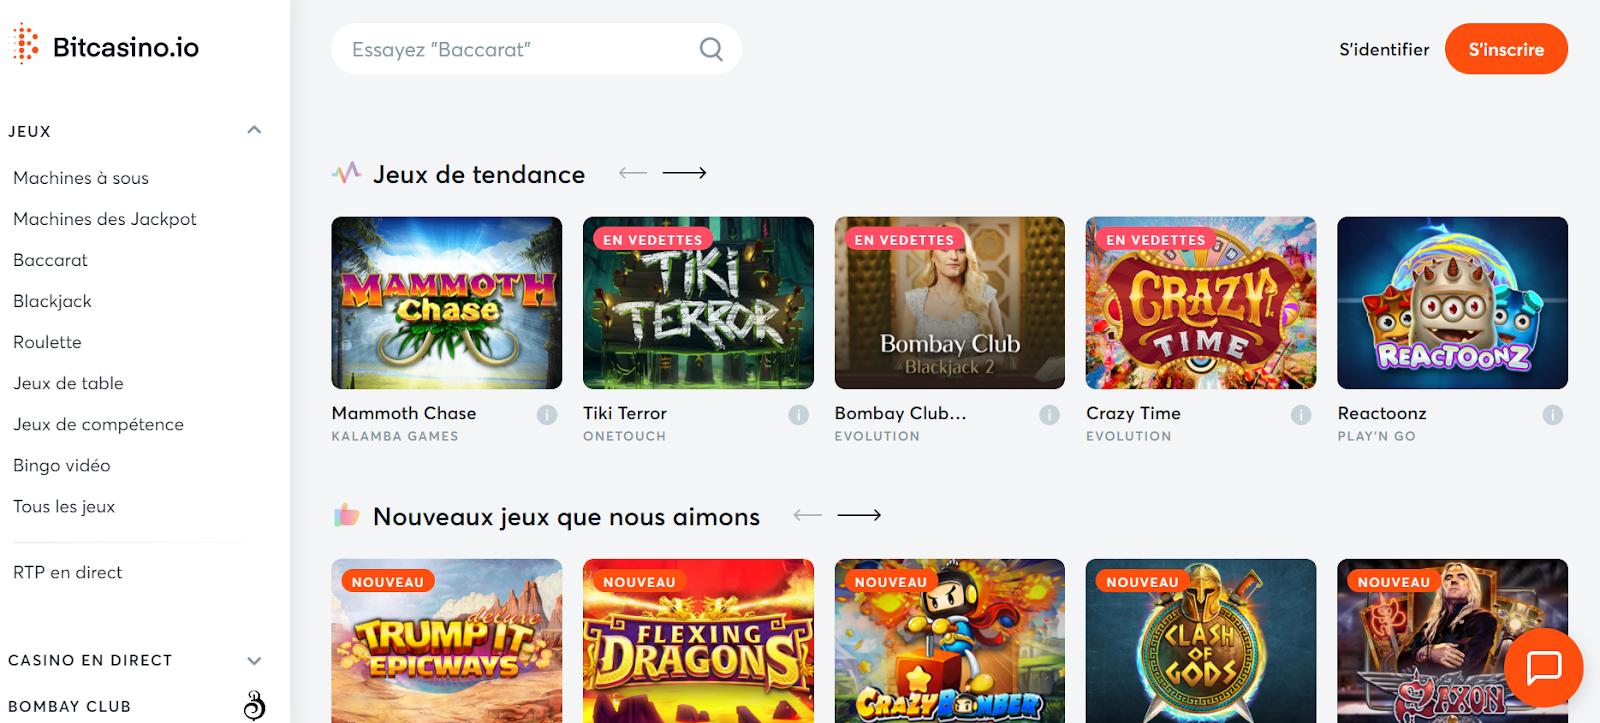 Page d'accueil de Bitcasino.io avec de nombreux jeux à découvrir